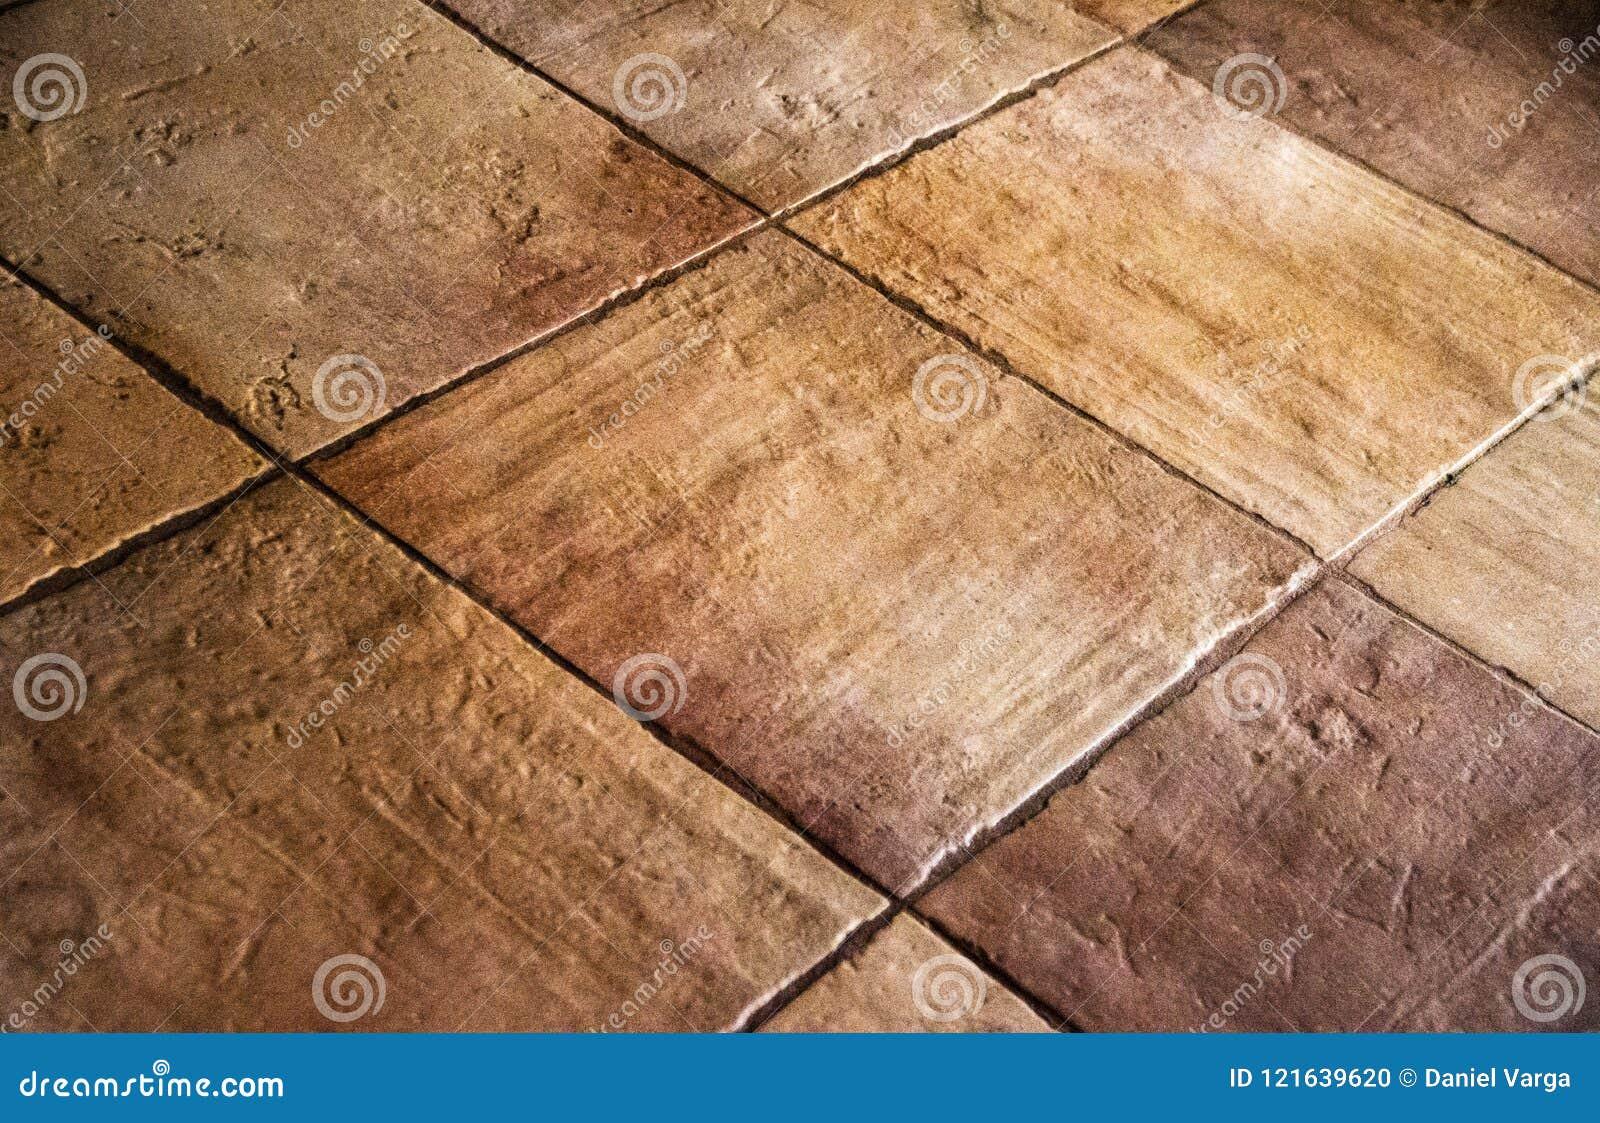 Vecchie piastrelle per pavimento brown beige rustiche di colore